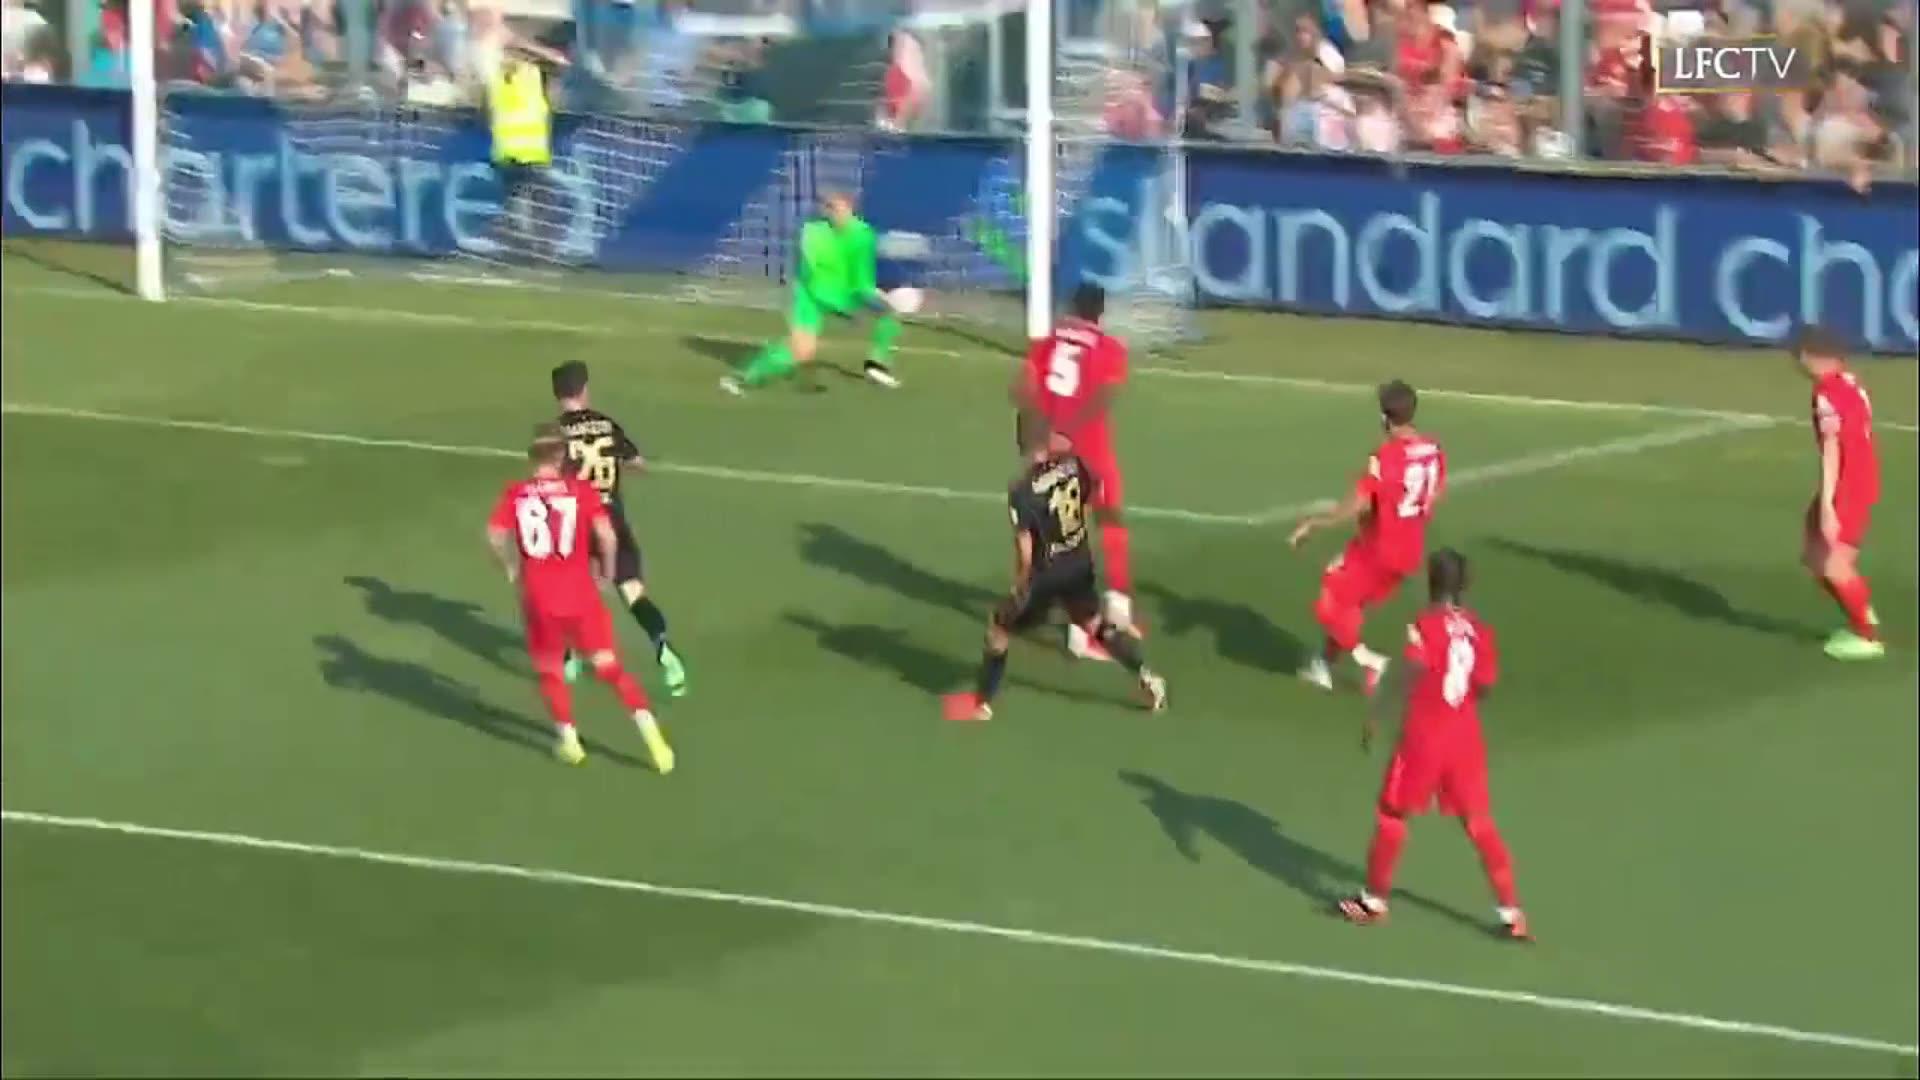 【全场集锦】友谊赛-贝克造乌龙 利物浦1-0小胜美因茨